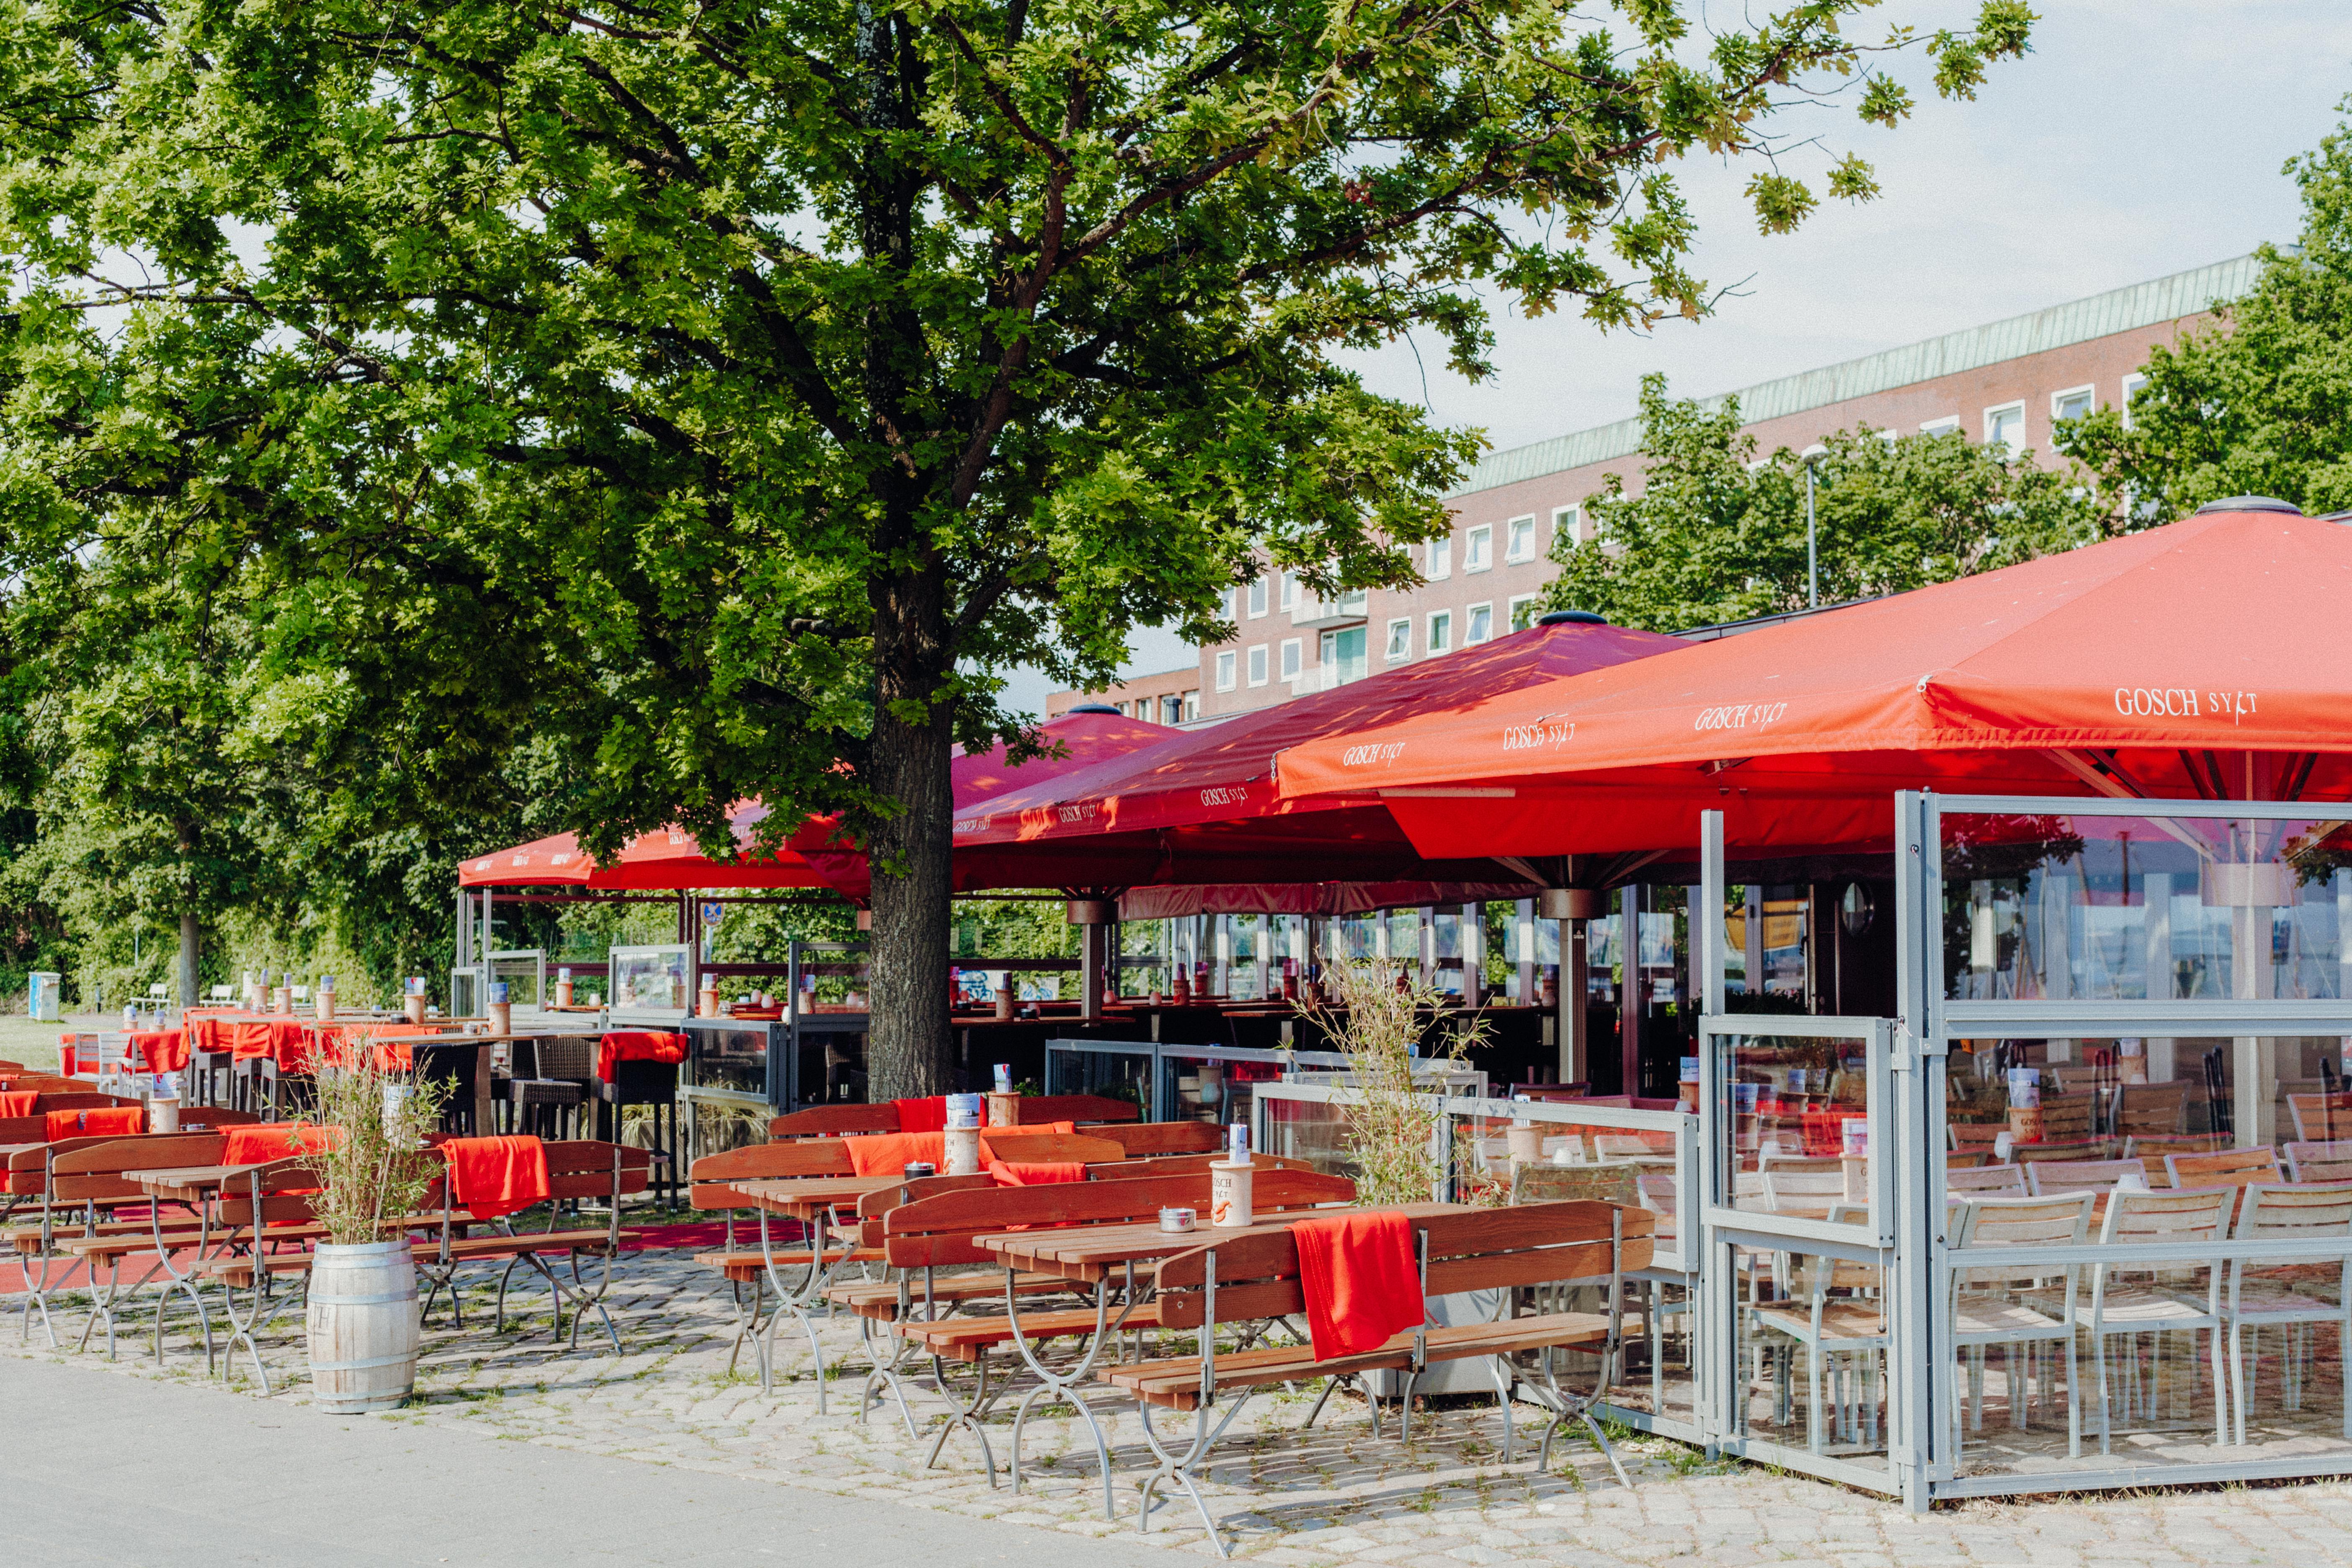 Gosch an der Kiellinie in Kiel